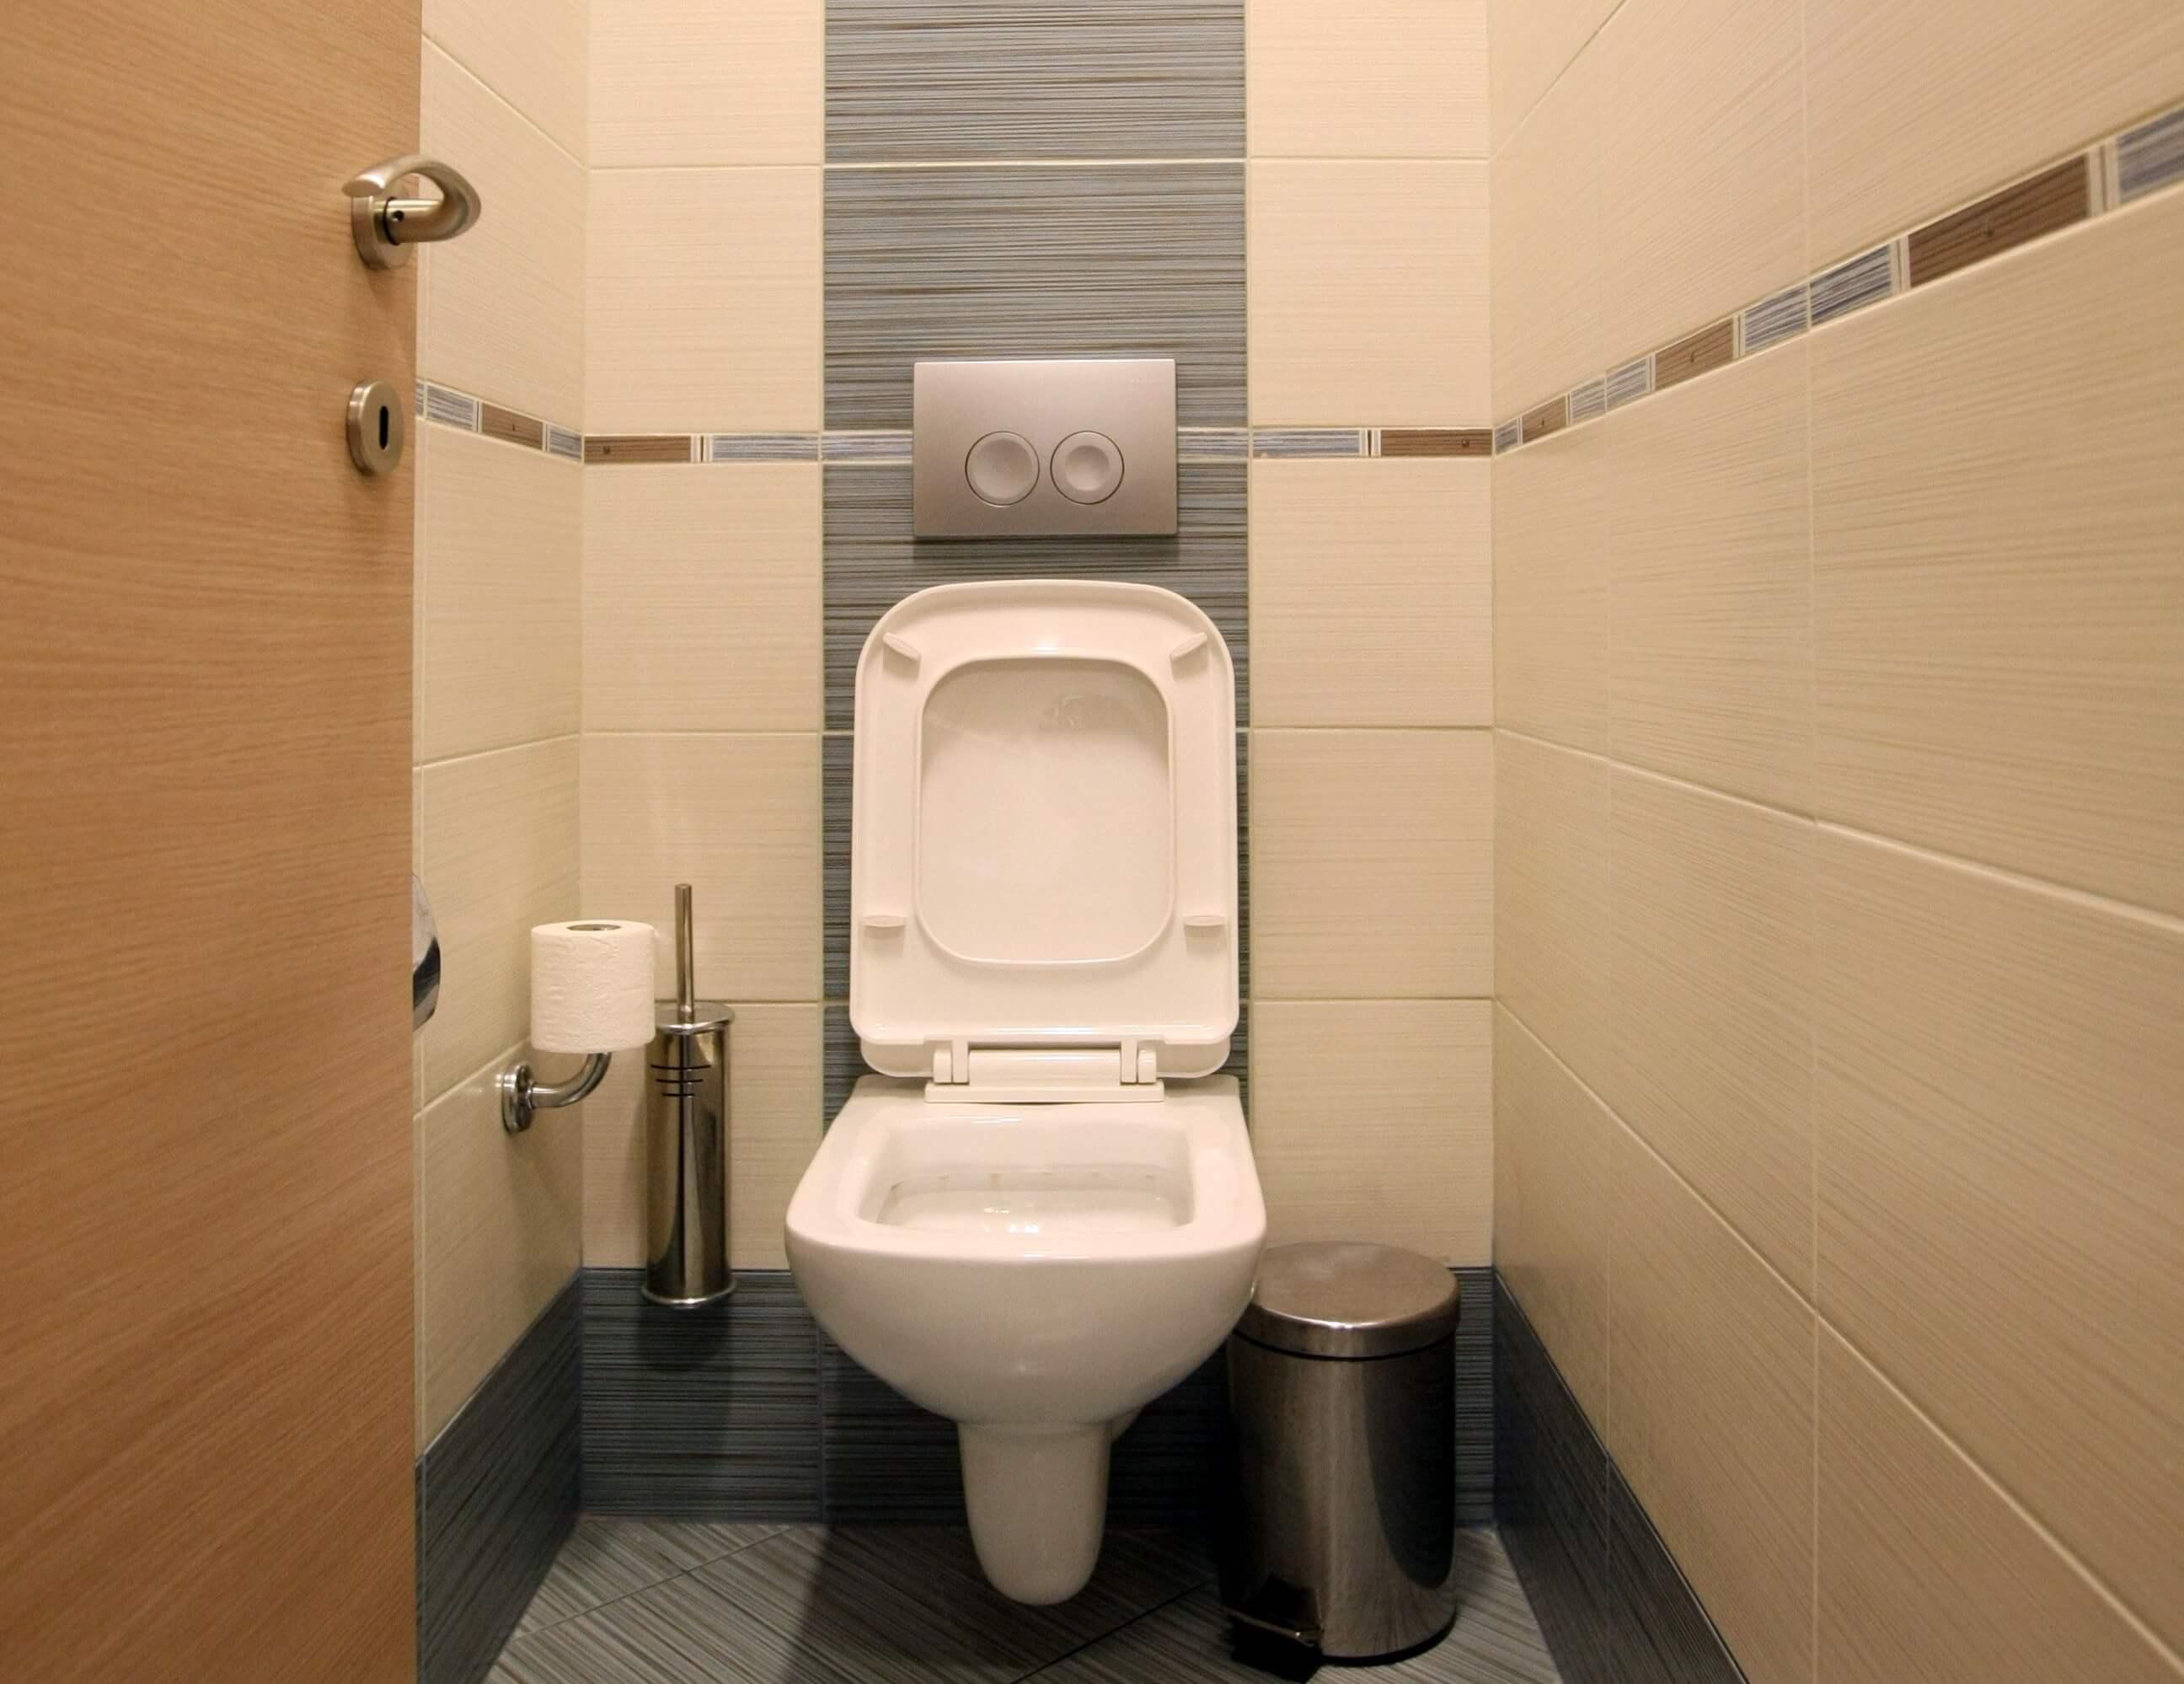 Για ψυχιατρική αξιολόγηση η μητέρα που κλείδωσε το παιδί της στην τουαλέτα